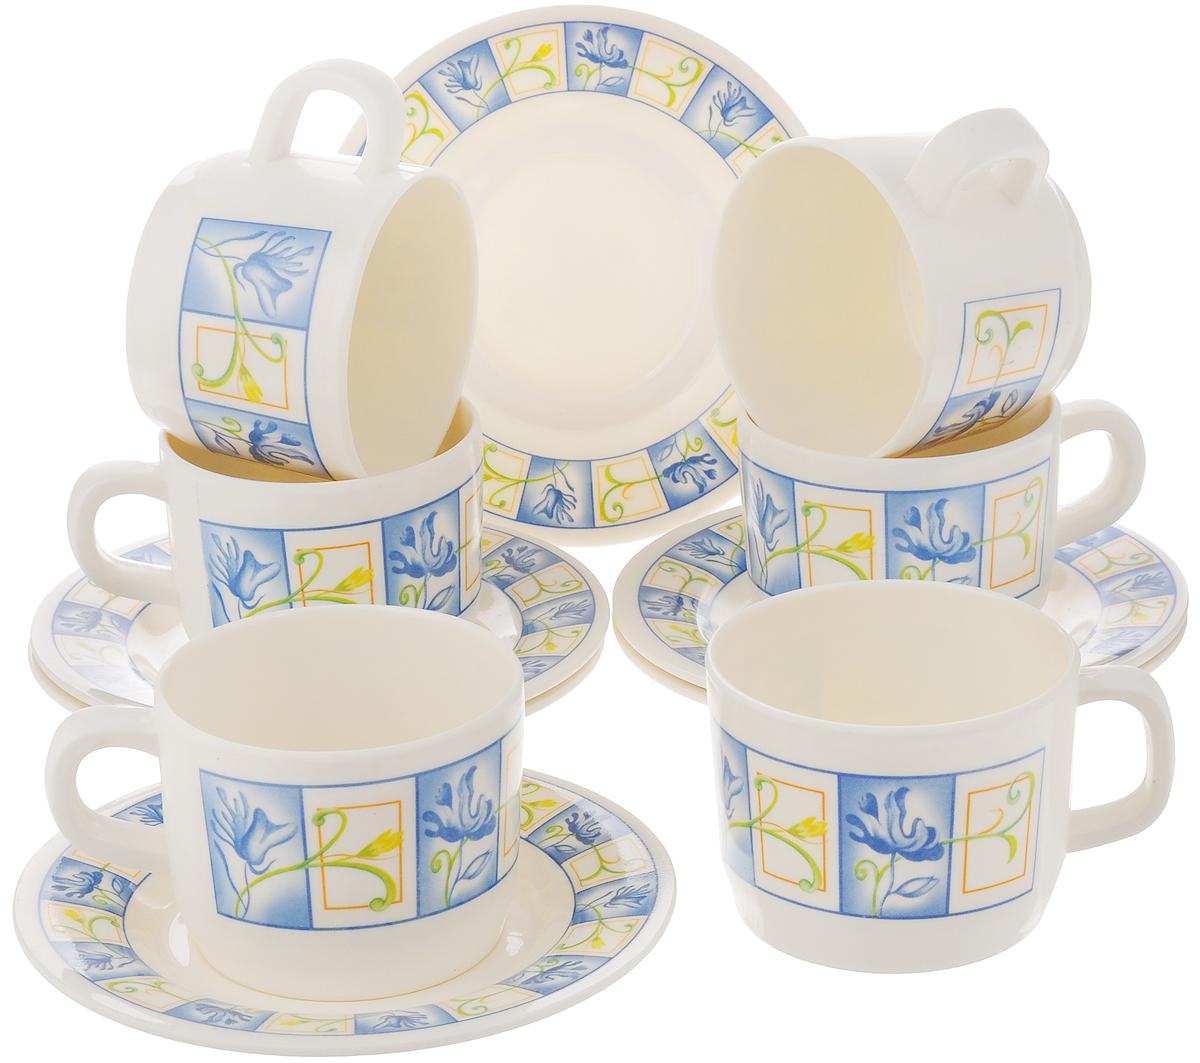 Набор чайный Calve, цвет: белый, голубой, 12 предметовCL-2509_белый, голубойЧайный набор Calve состоит из шести чашек и шести блюдец, выполненных из меламина. Изделия оформлены ярким рисунком. Изящный набор эффектно украсит стол к чаепитию и порадует вас функциональностью и ярким дизайном.Можно мыть в посудомоечной машине. Диаметр чашки (по верхнему краю): 8 см. Высота чашки: 6 см. Объем чашки: 240 мл.Диаметр блюдца: 14,5 см. Высота блюдца: 1,5 см.